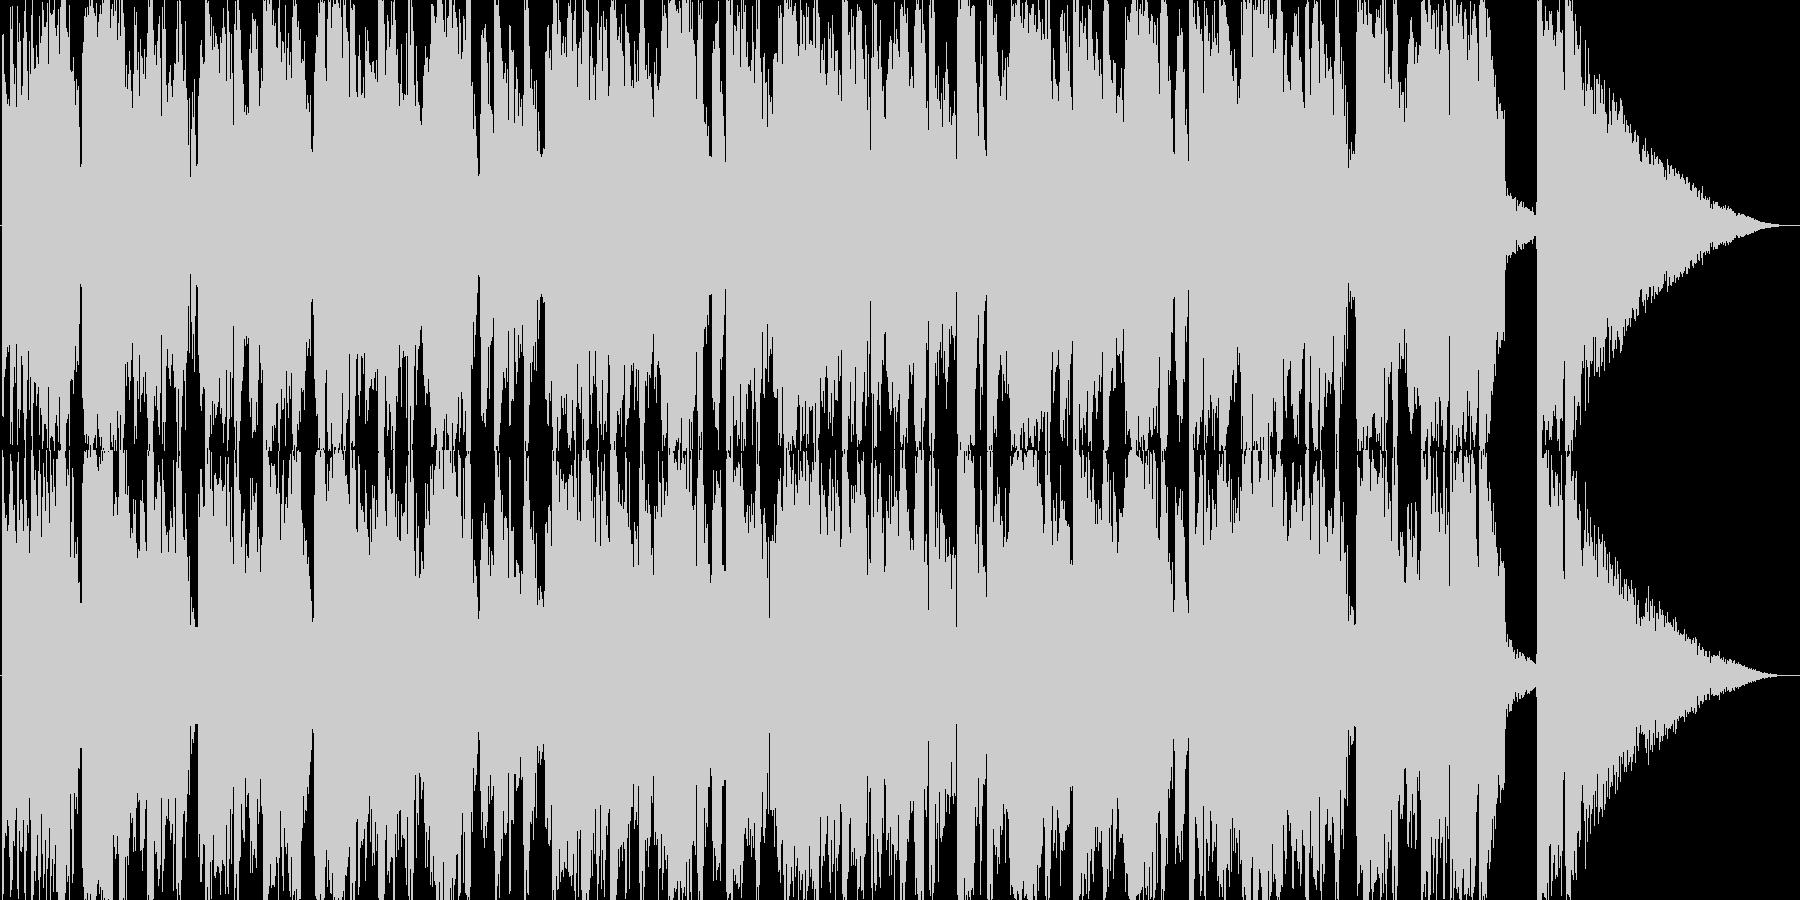 アシッドジャズ風おしゃれな30秒CM楽曲の未再生の波形